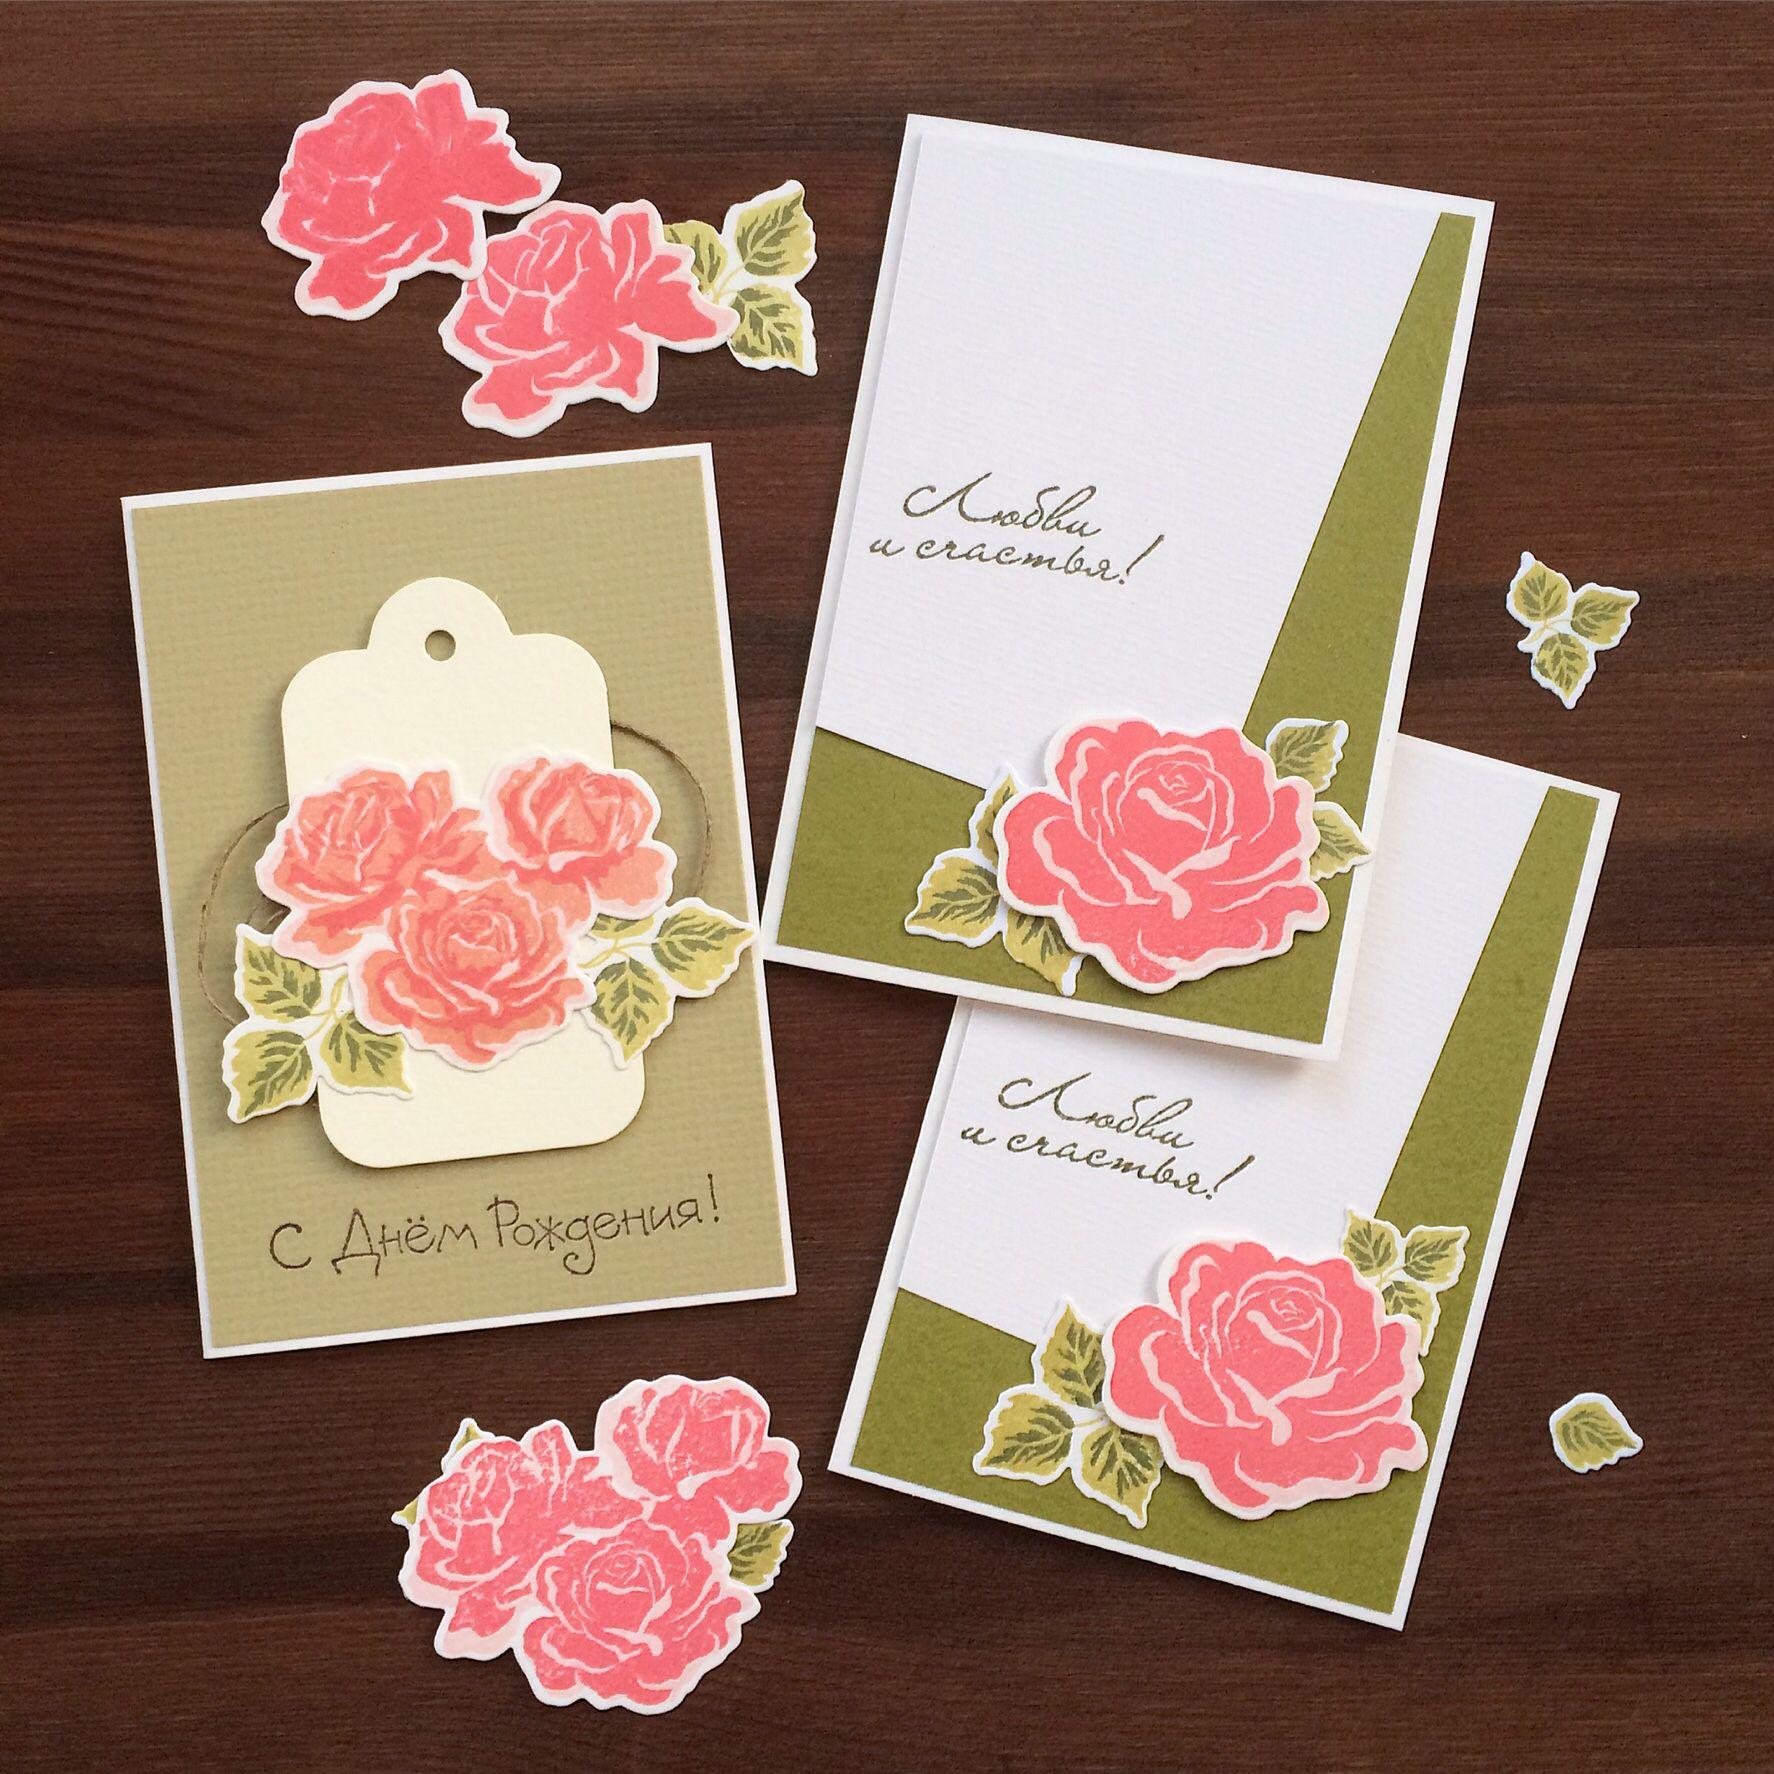 pinoxana lebedeva on cardsflowers  simple cards